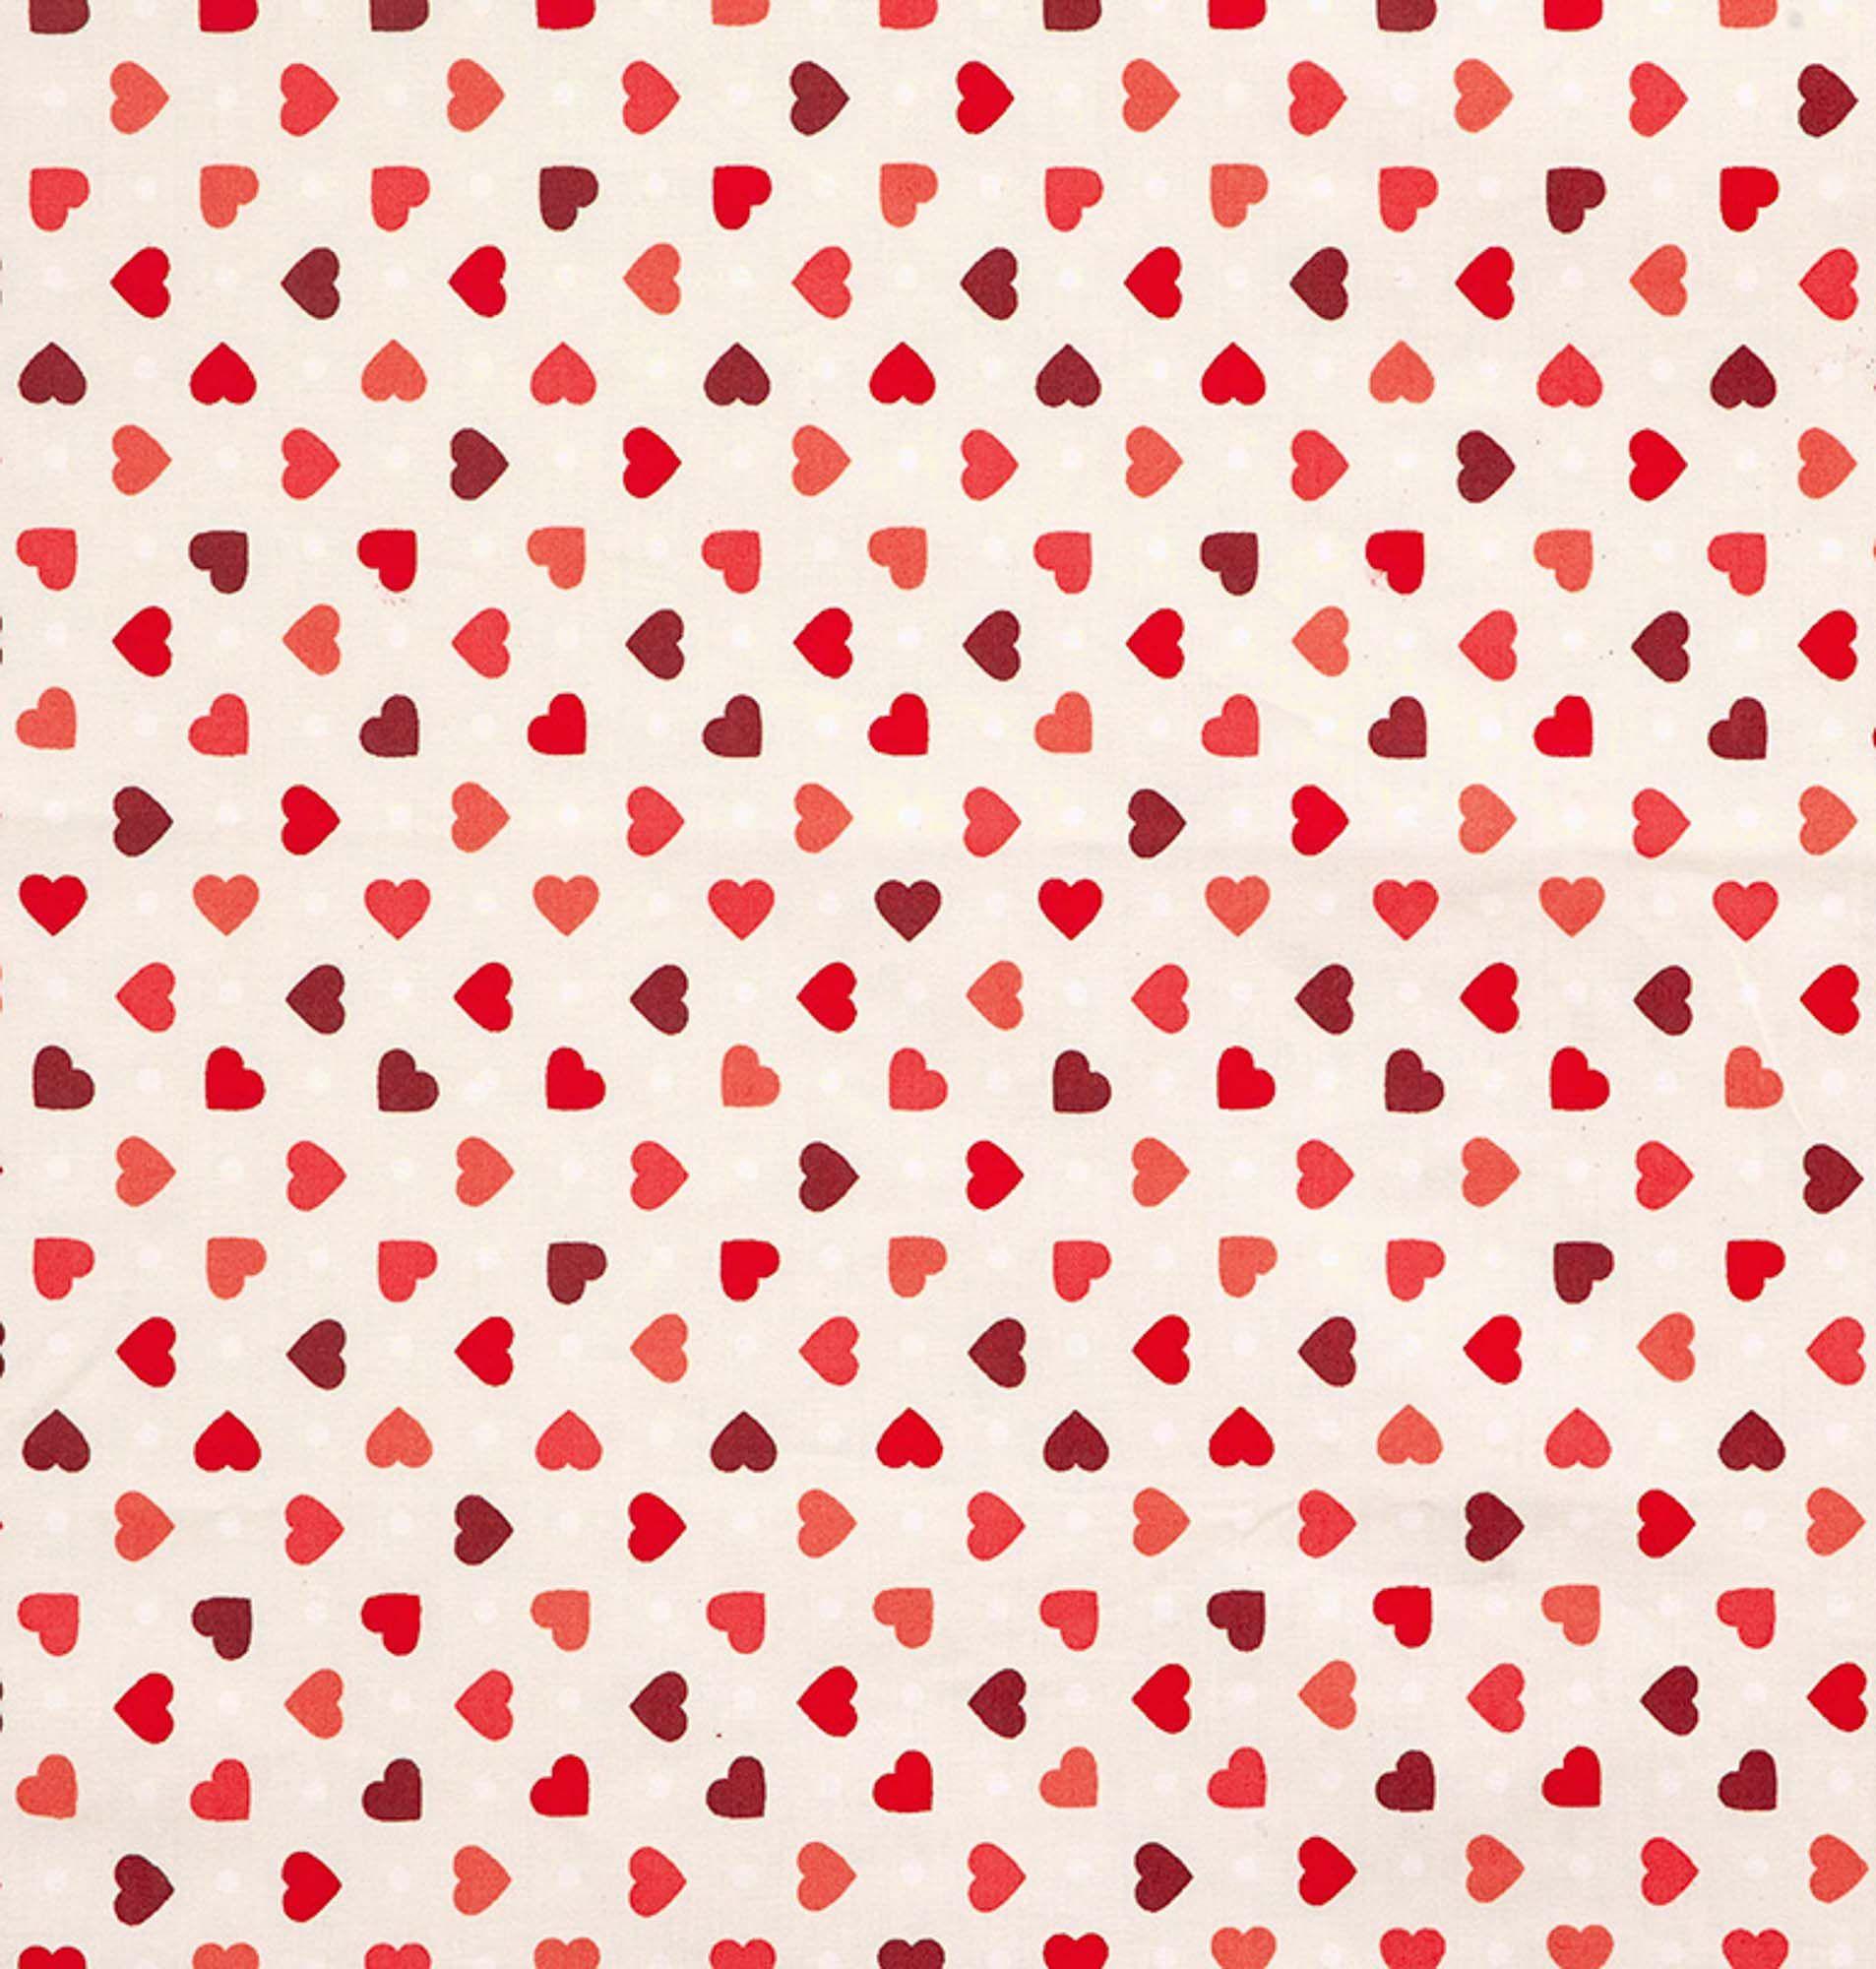 Tecido tricoline estampado dohler 100% algodão corações